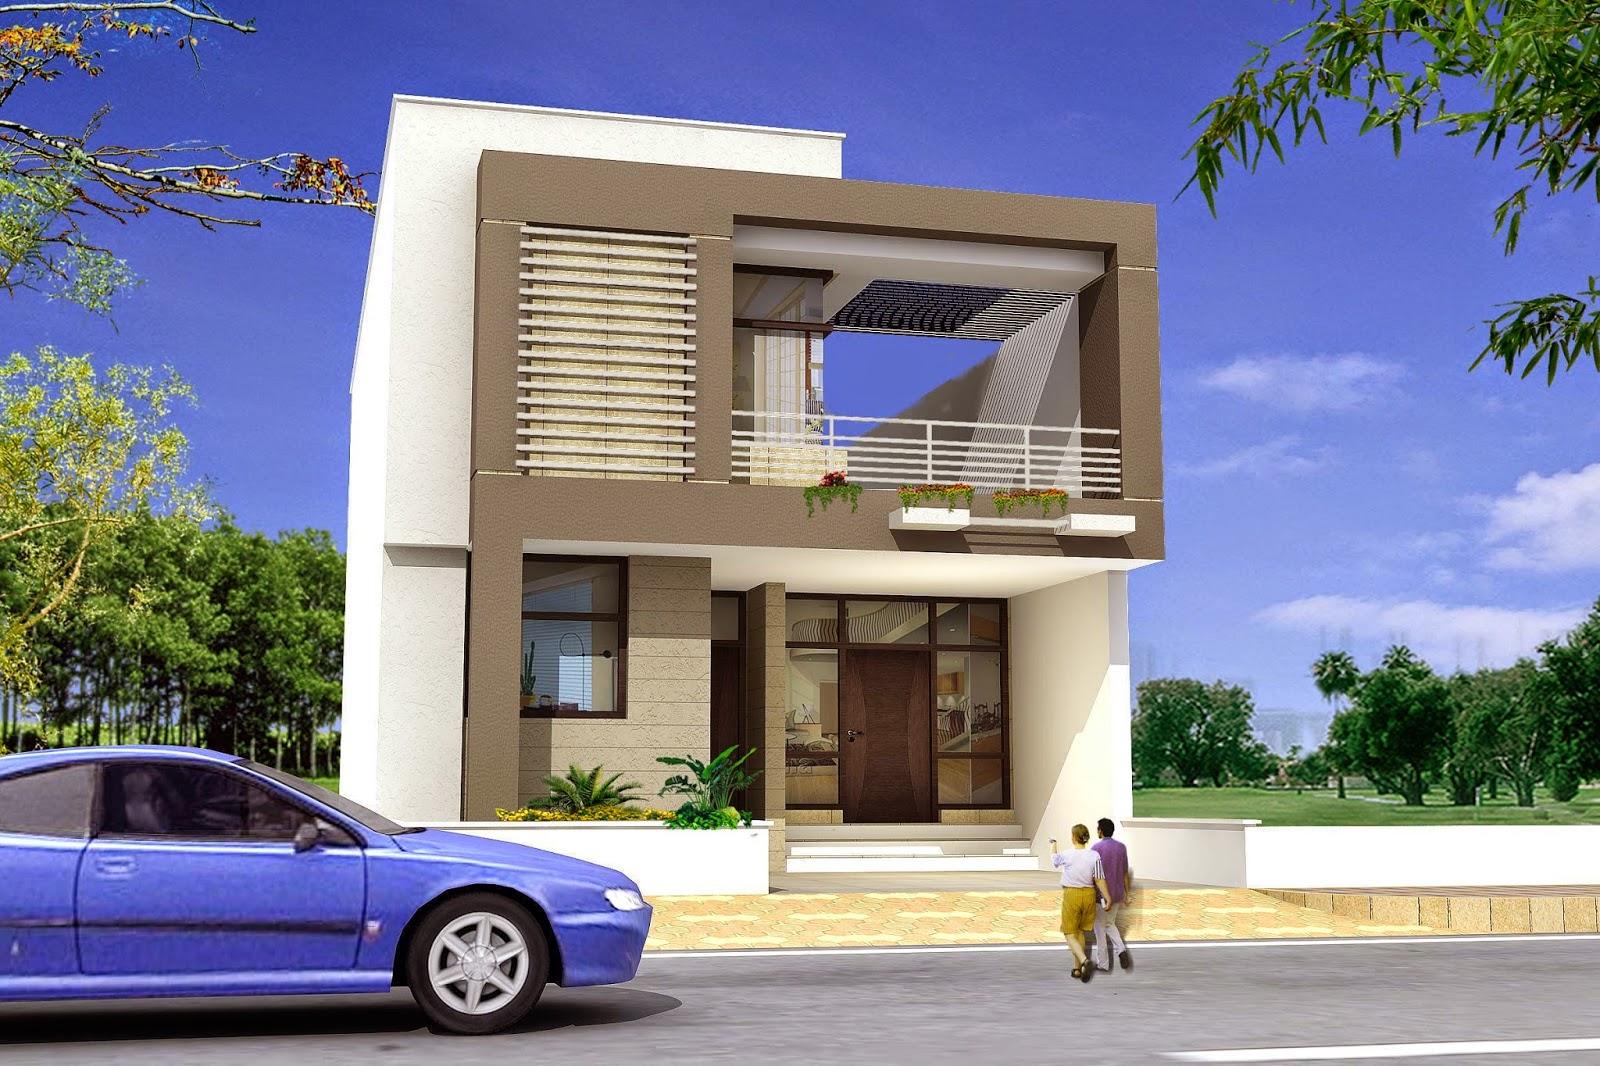 Stunning Home Design Consultant Photos Interior Design Ideas